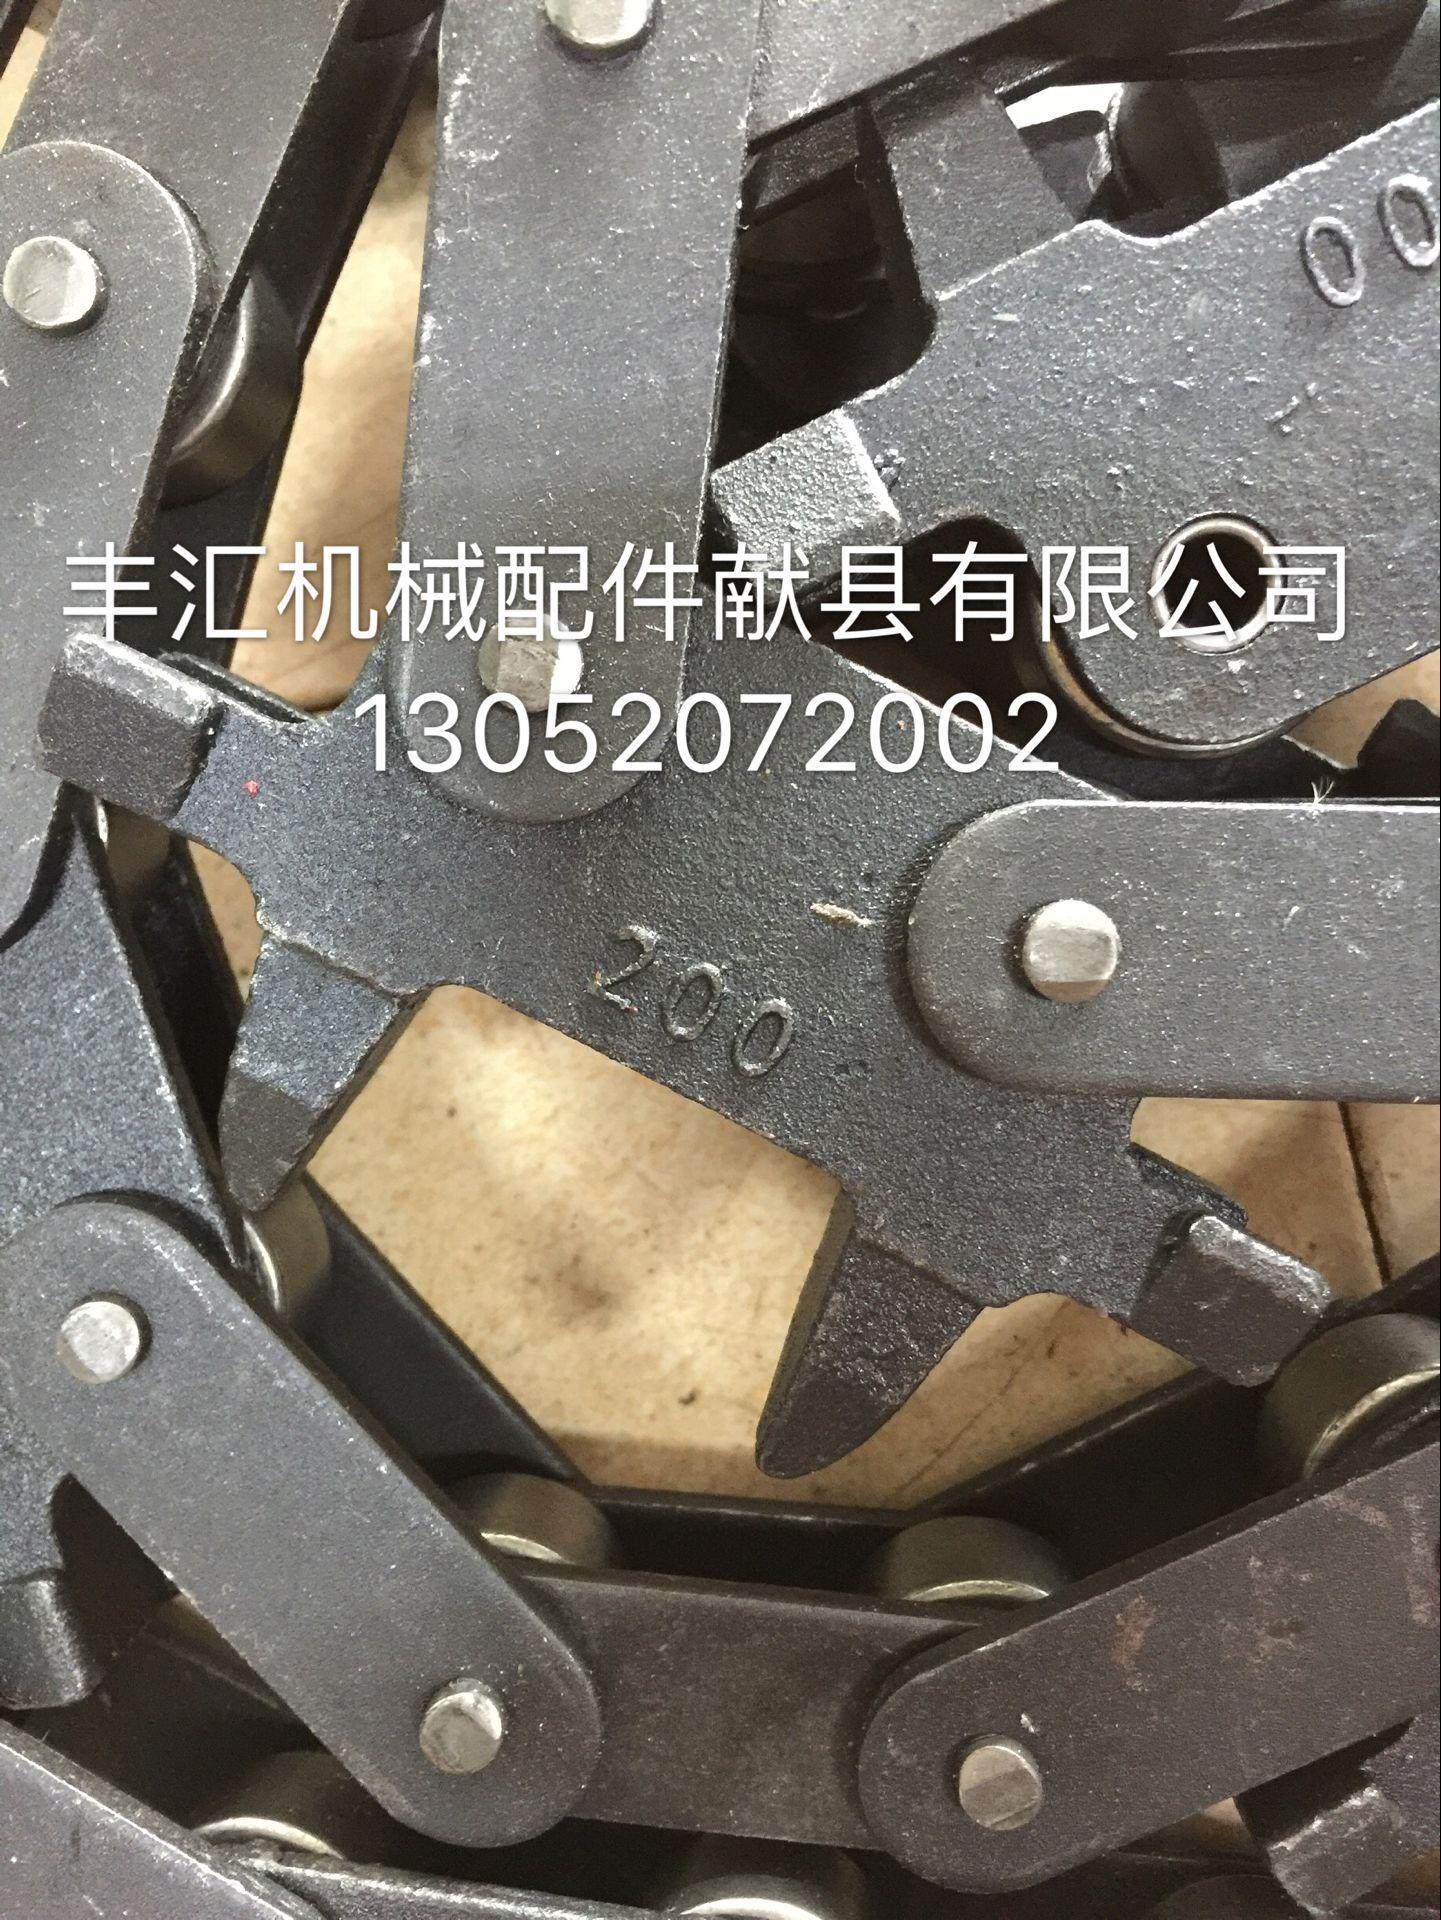 履带驱动链条 传动链 涂装流水线悬挂输线